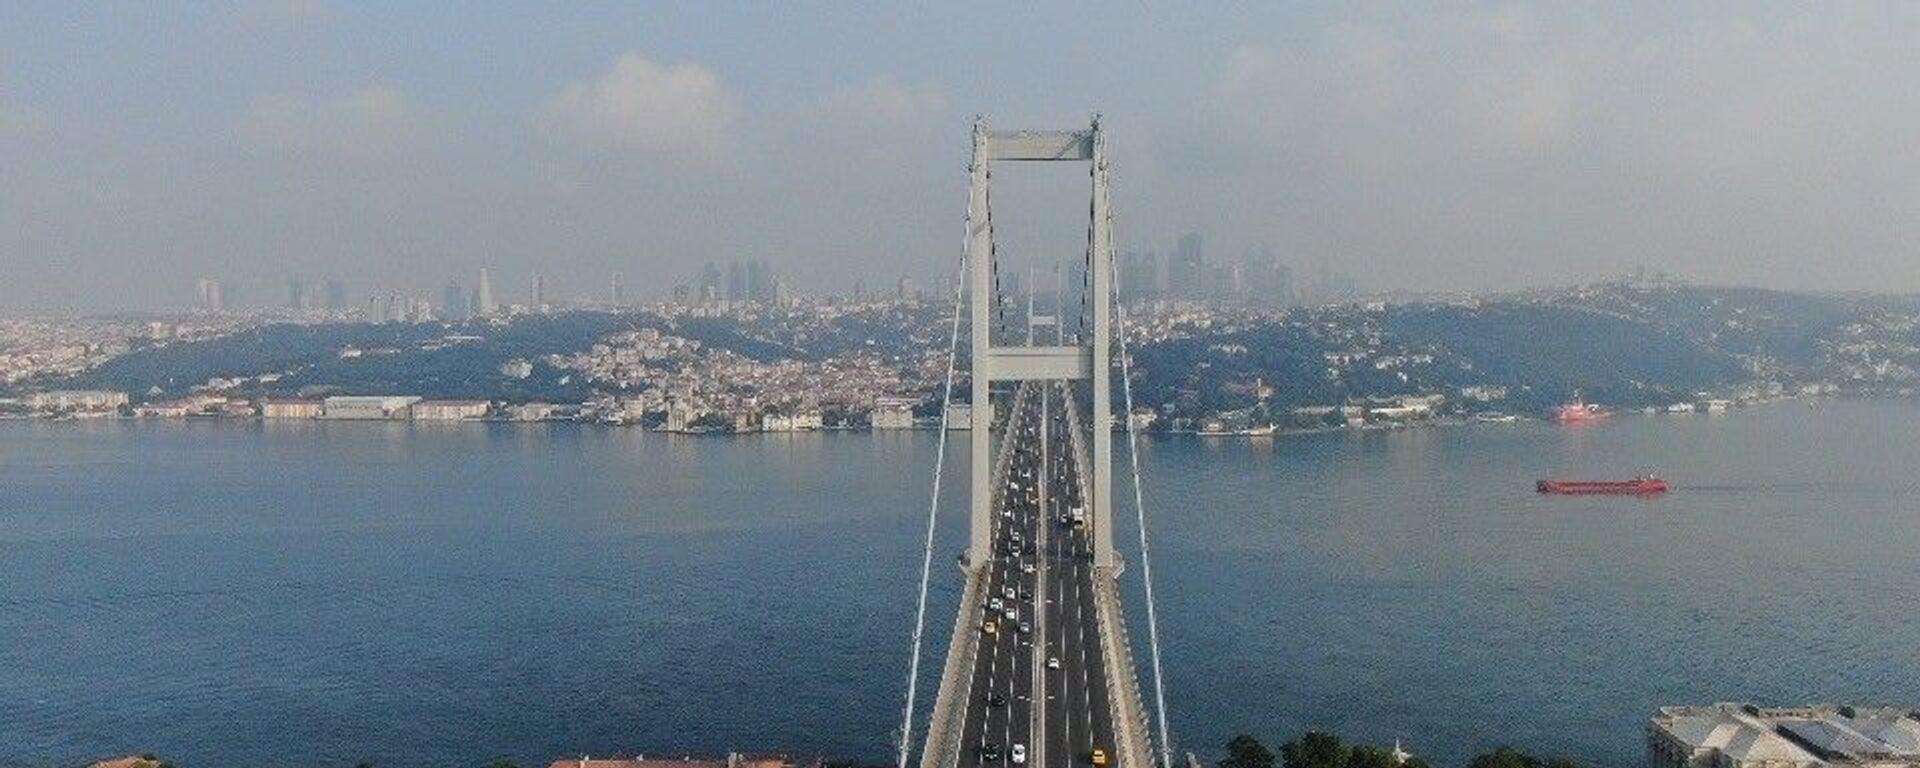 köprü trafik - Sputnik Türkiye, 1920, 23.08.2021